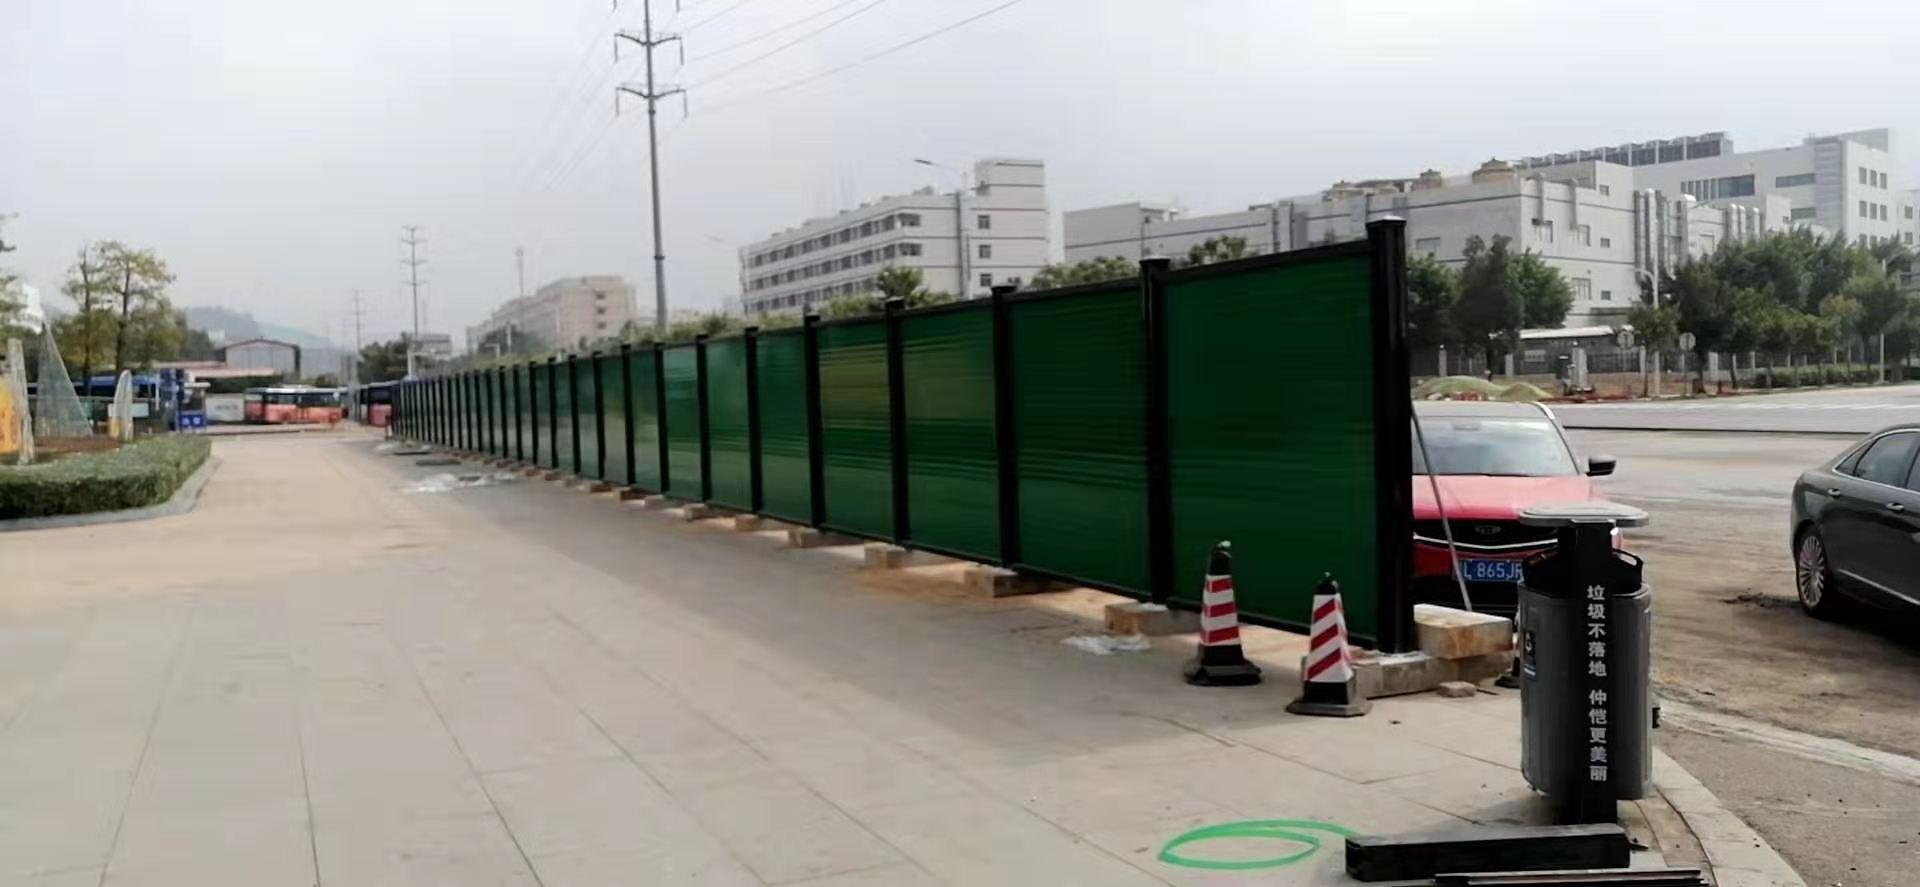 黑柱+绿板